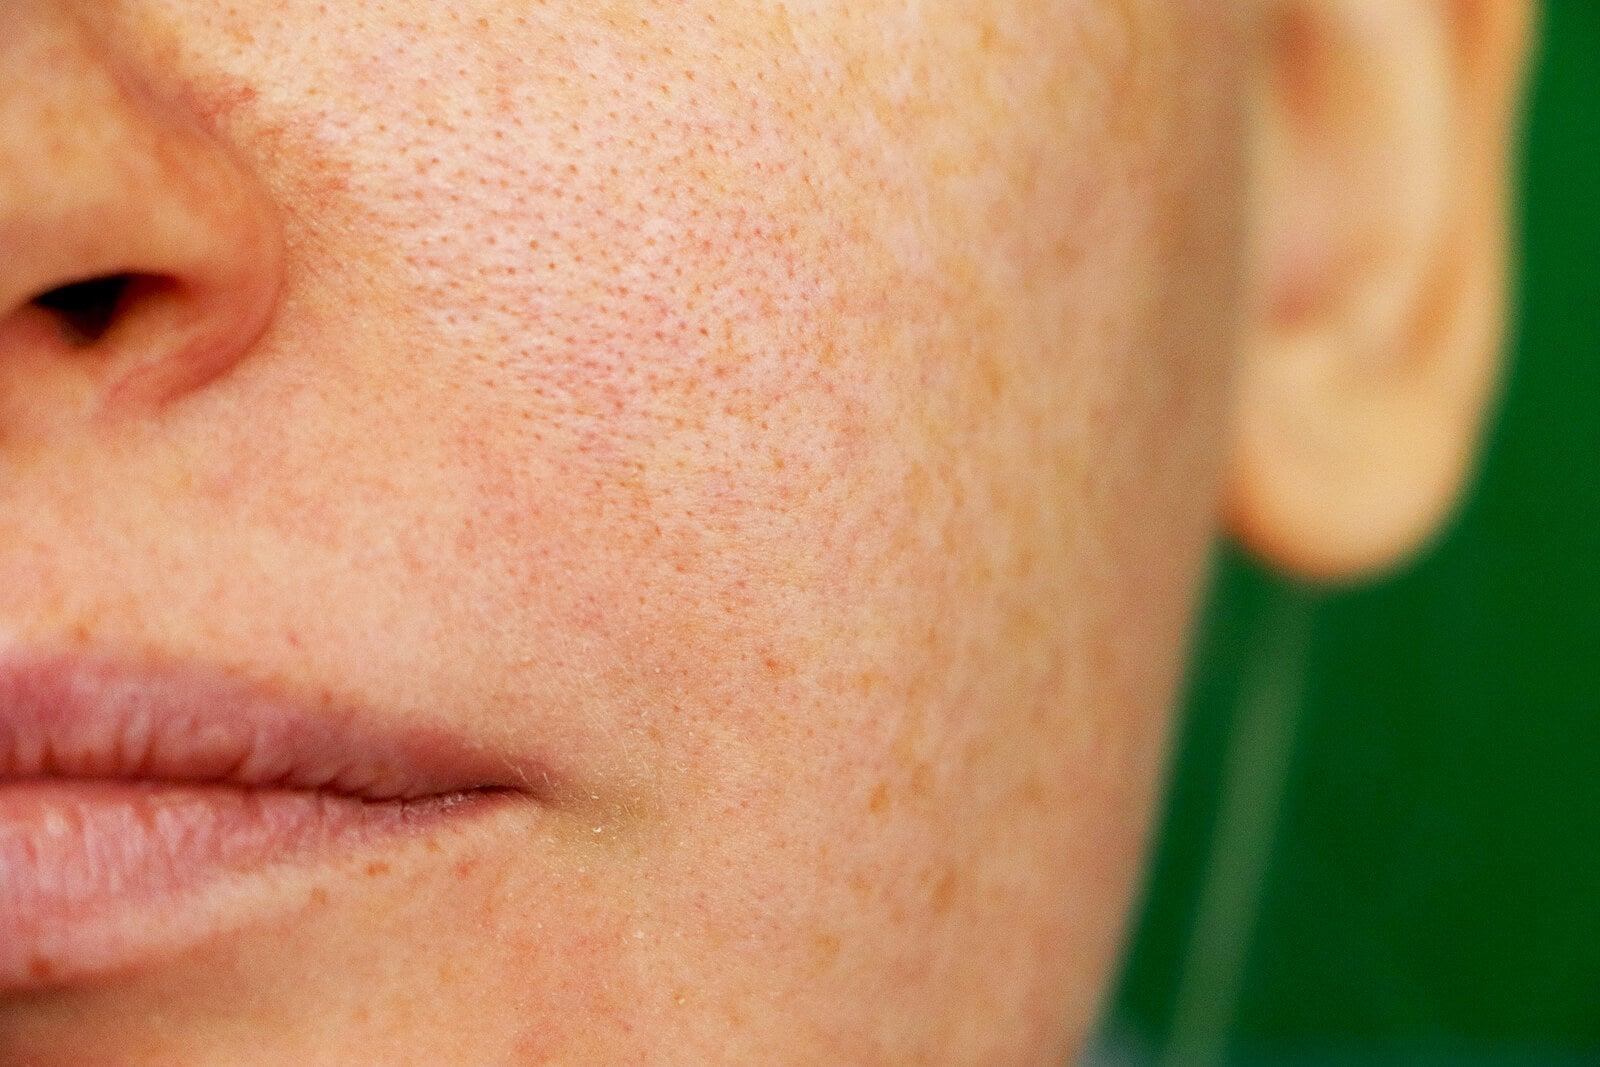 ¿Es posible reducir los poros abiertos?